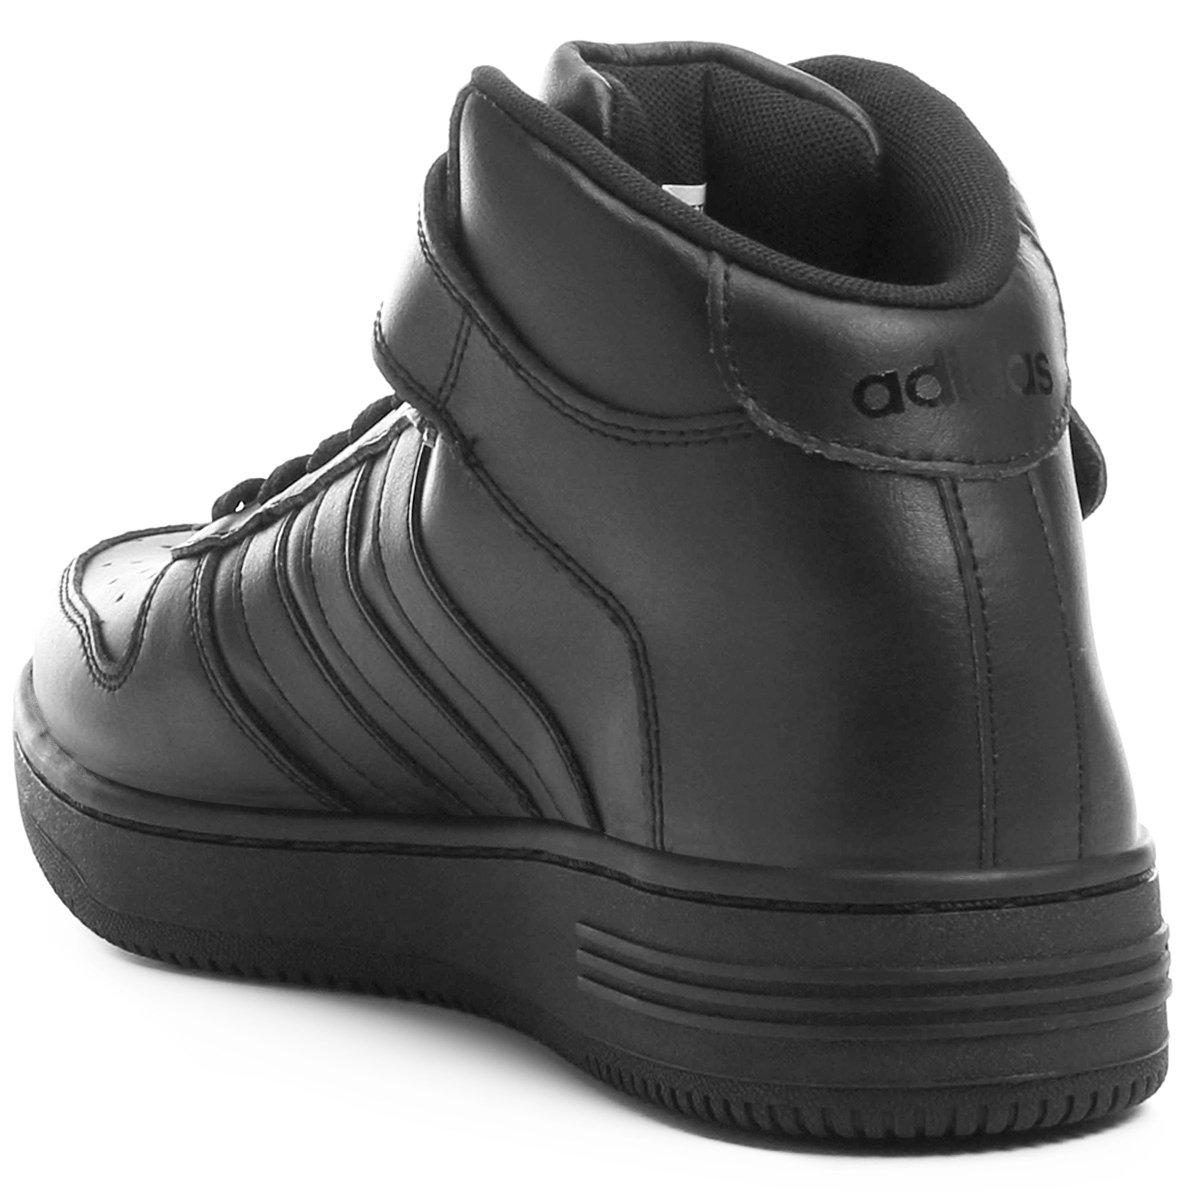 5d716e8535b Tênis Adidas Team Court Mid - Compre Agora